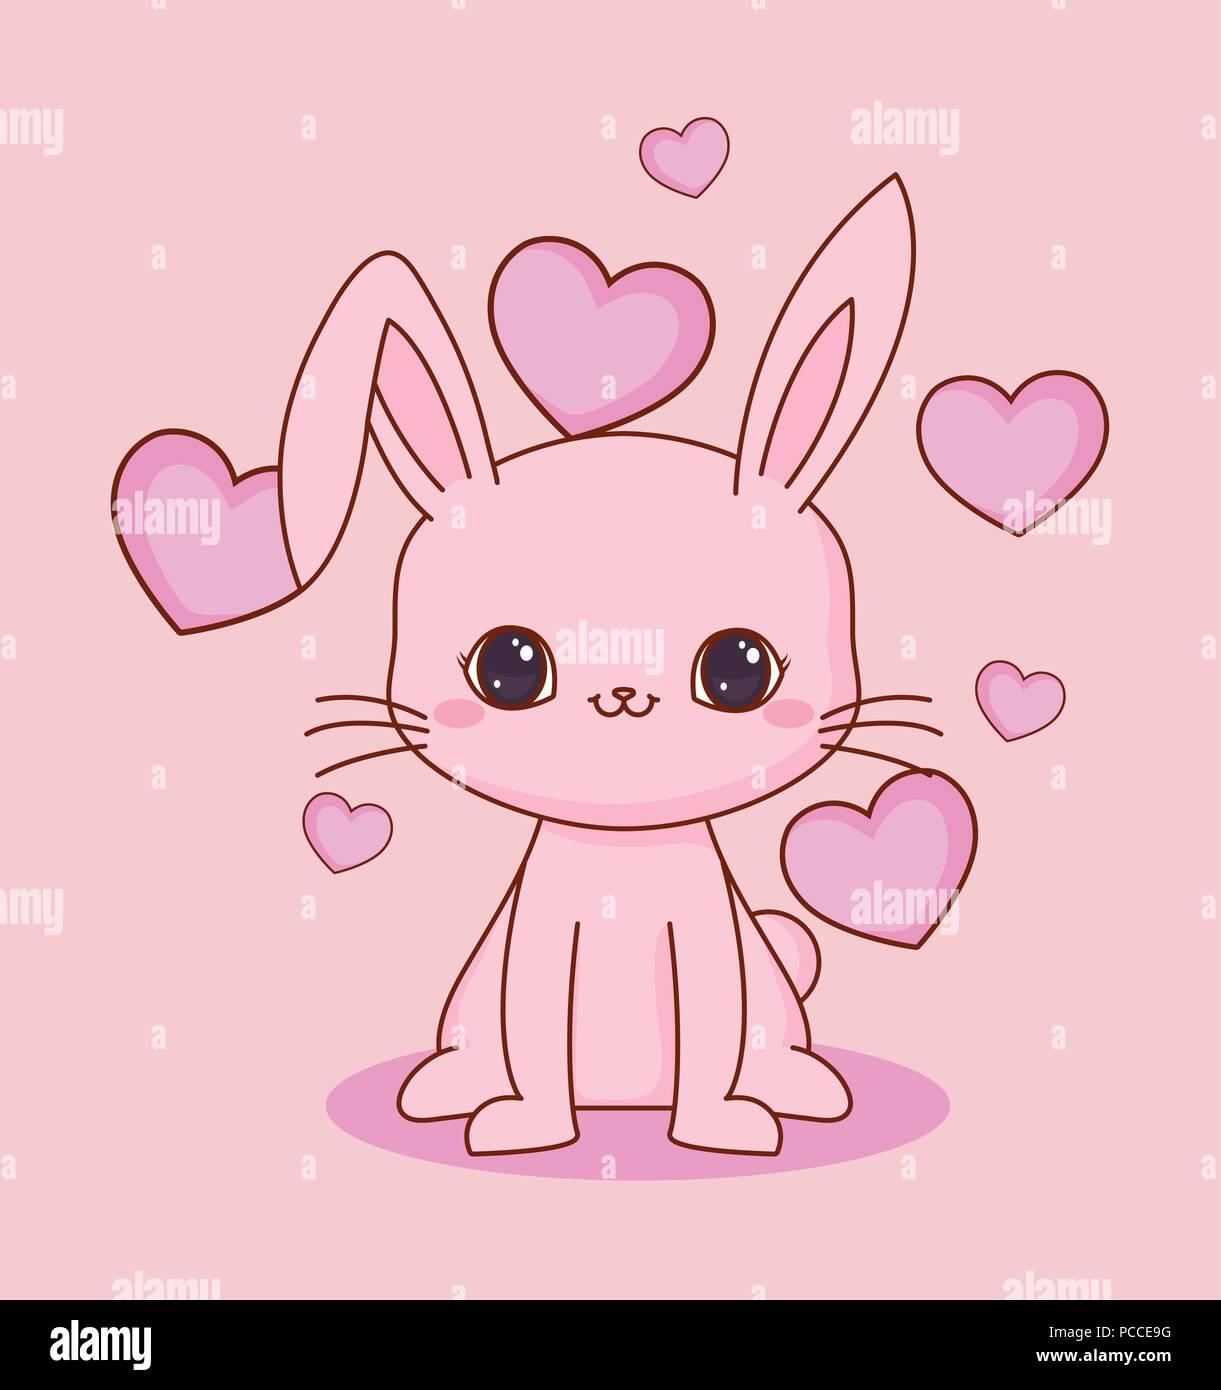 Kawaii Coniglio E Cuori Su Sfondo Rosa Design Colorato